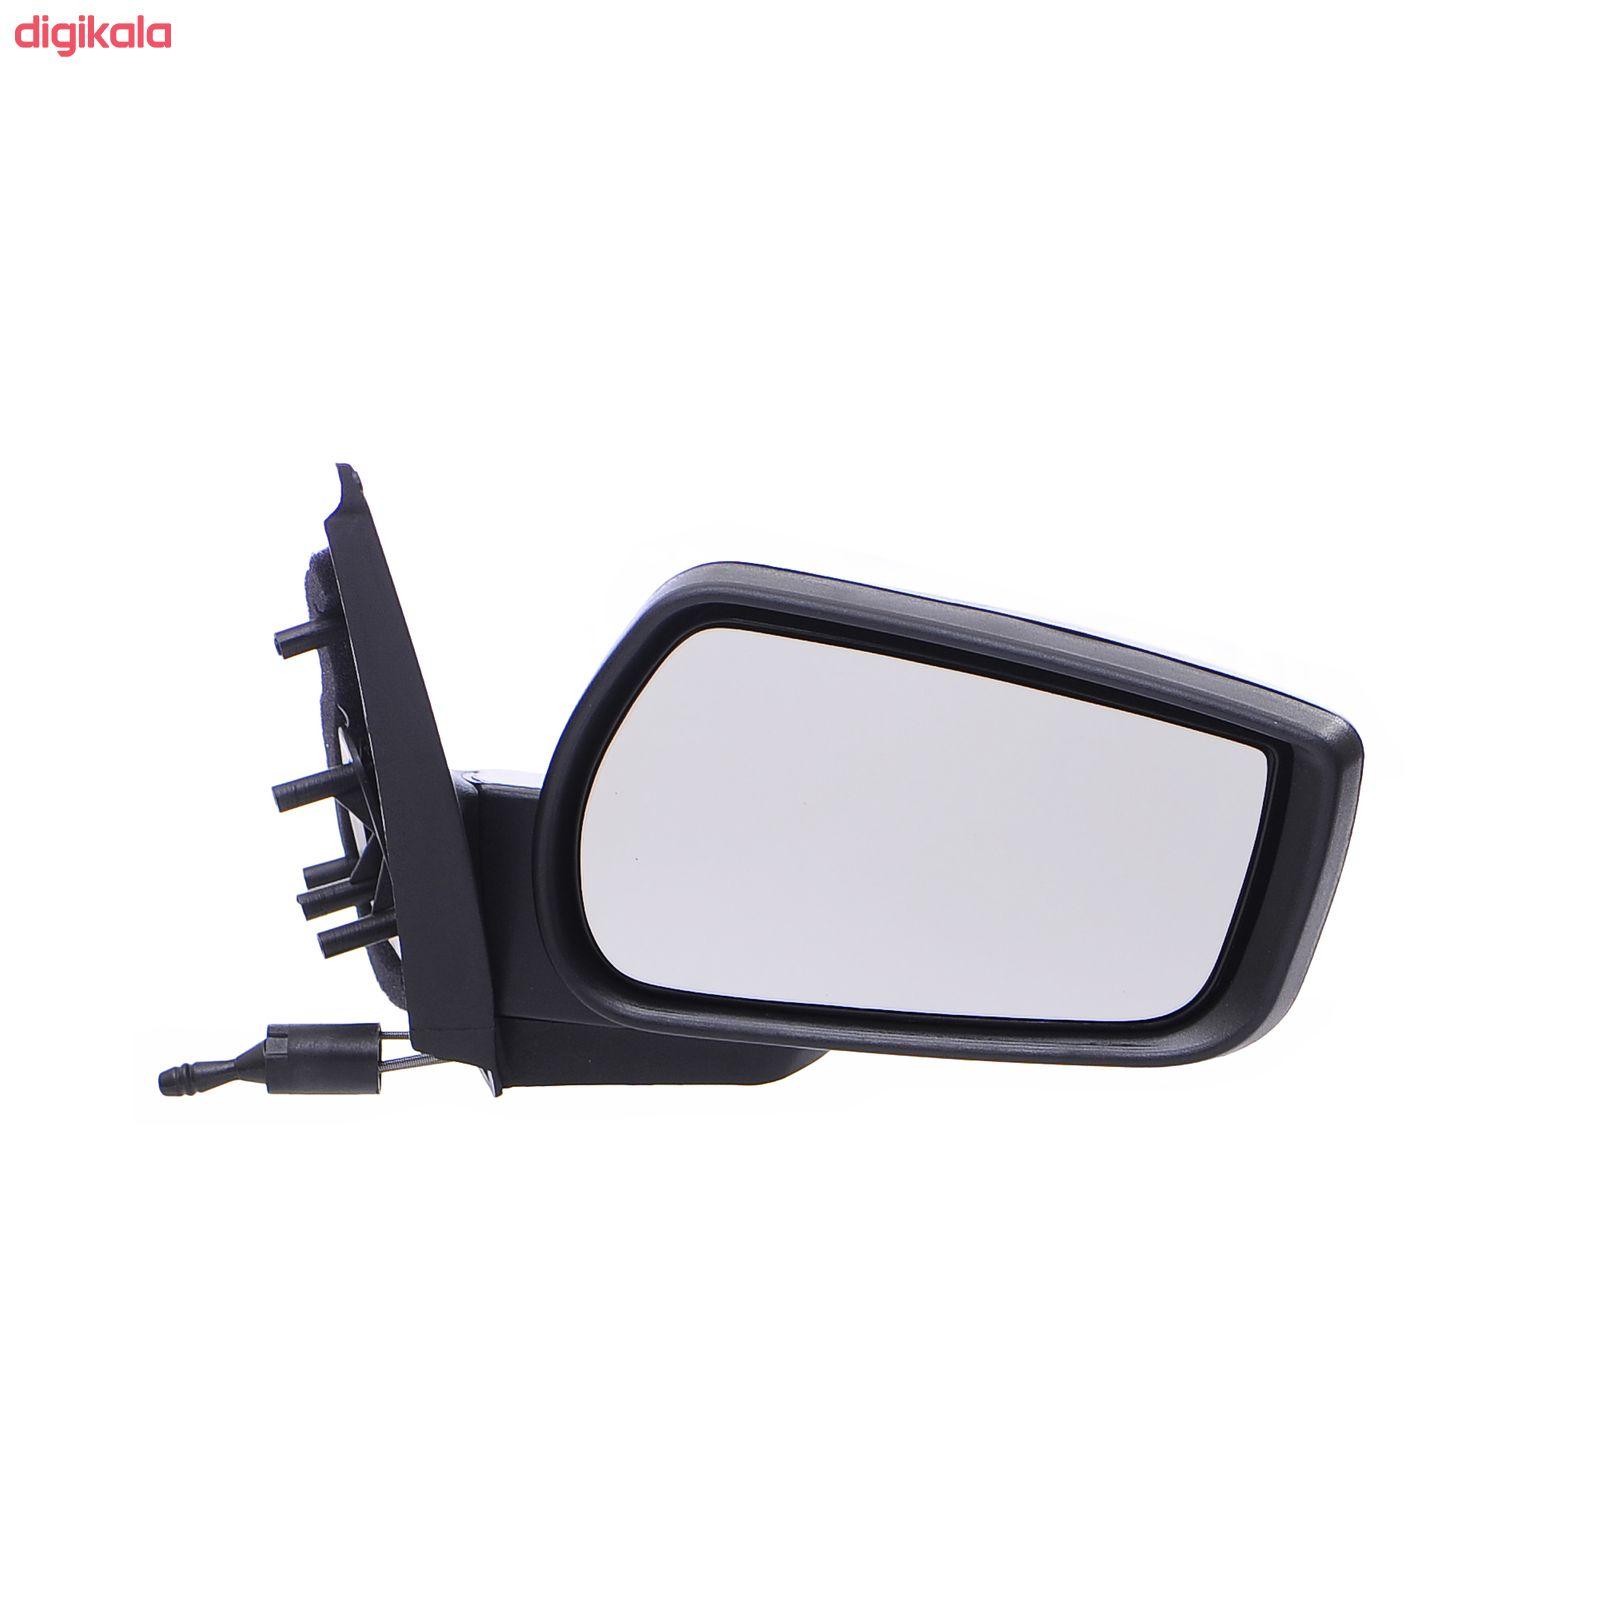 آینه جانبی راست خودرو کد CR0003 مناسب برای پژو 405 main 1 1